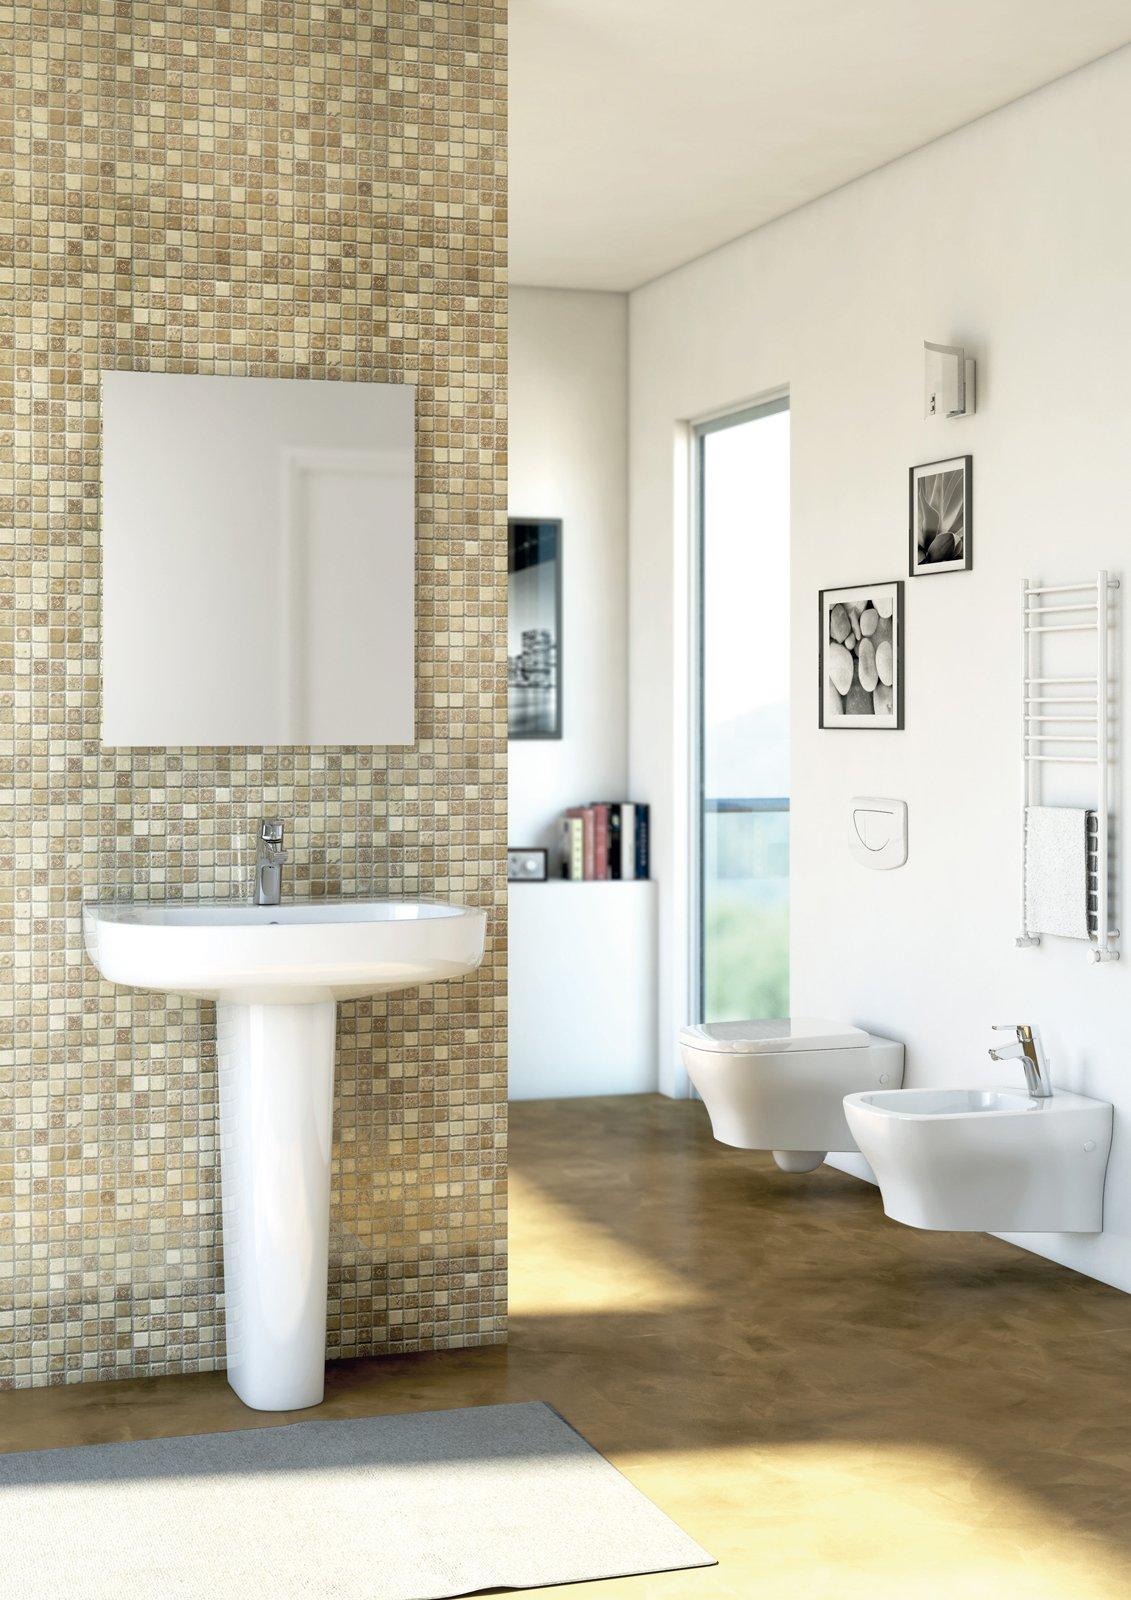 Lavabo A Colonna Design lavabi a colonna: dalla tradizione alla contemporaneità